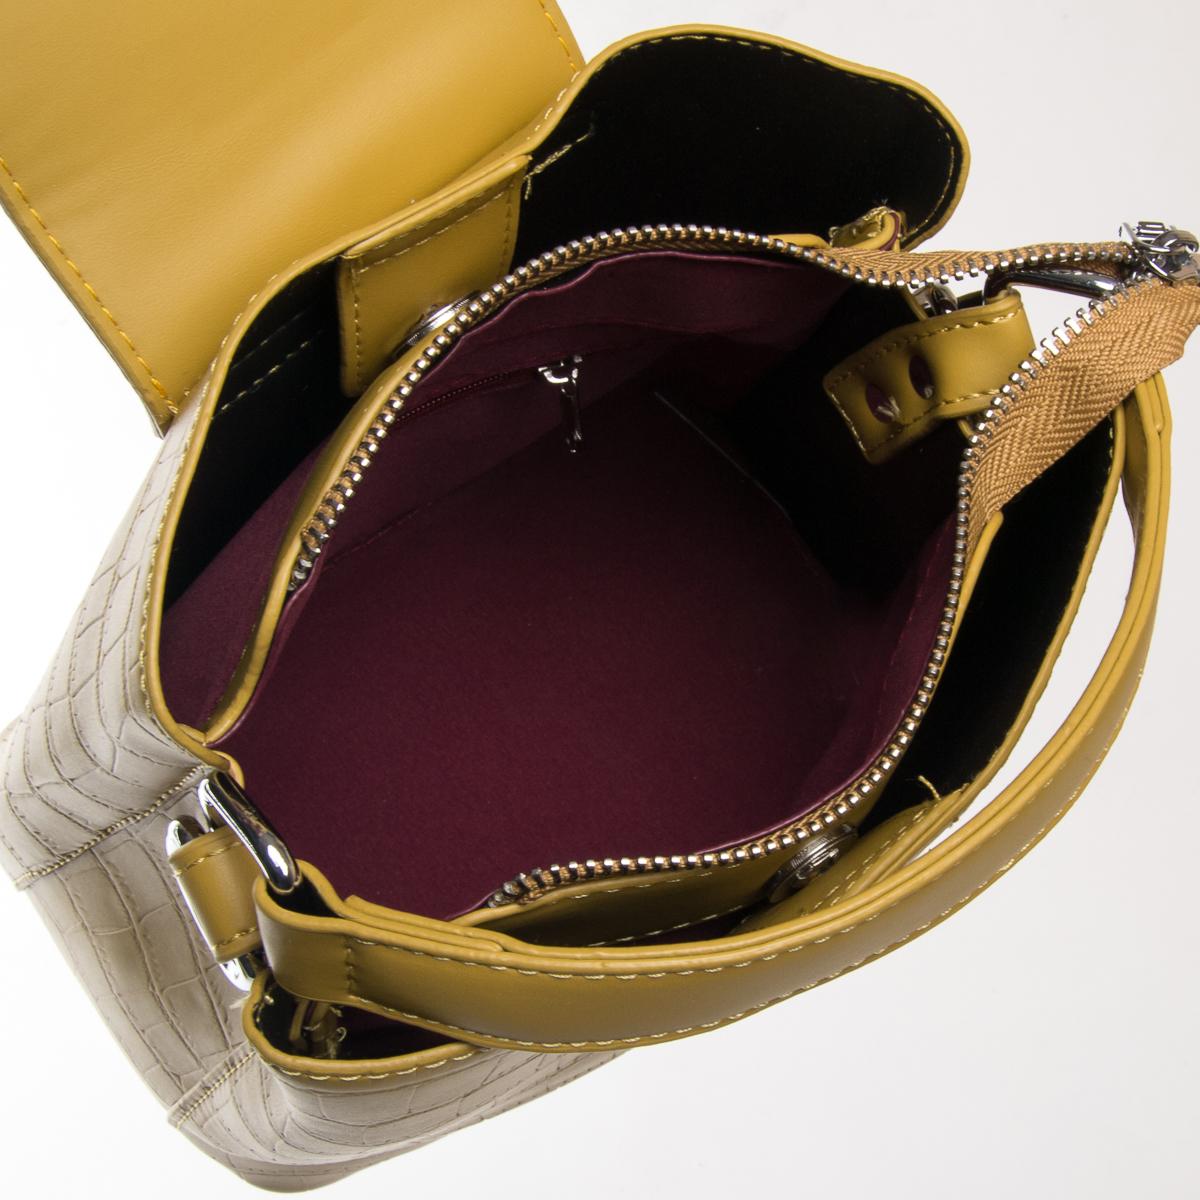 Сумка Женская Классическая иск-кожа FASHION 01-03 16905 yellow - фото 5